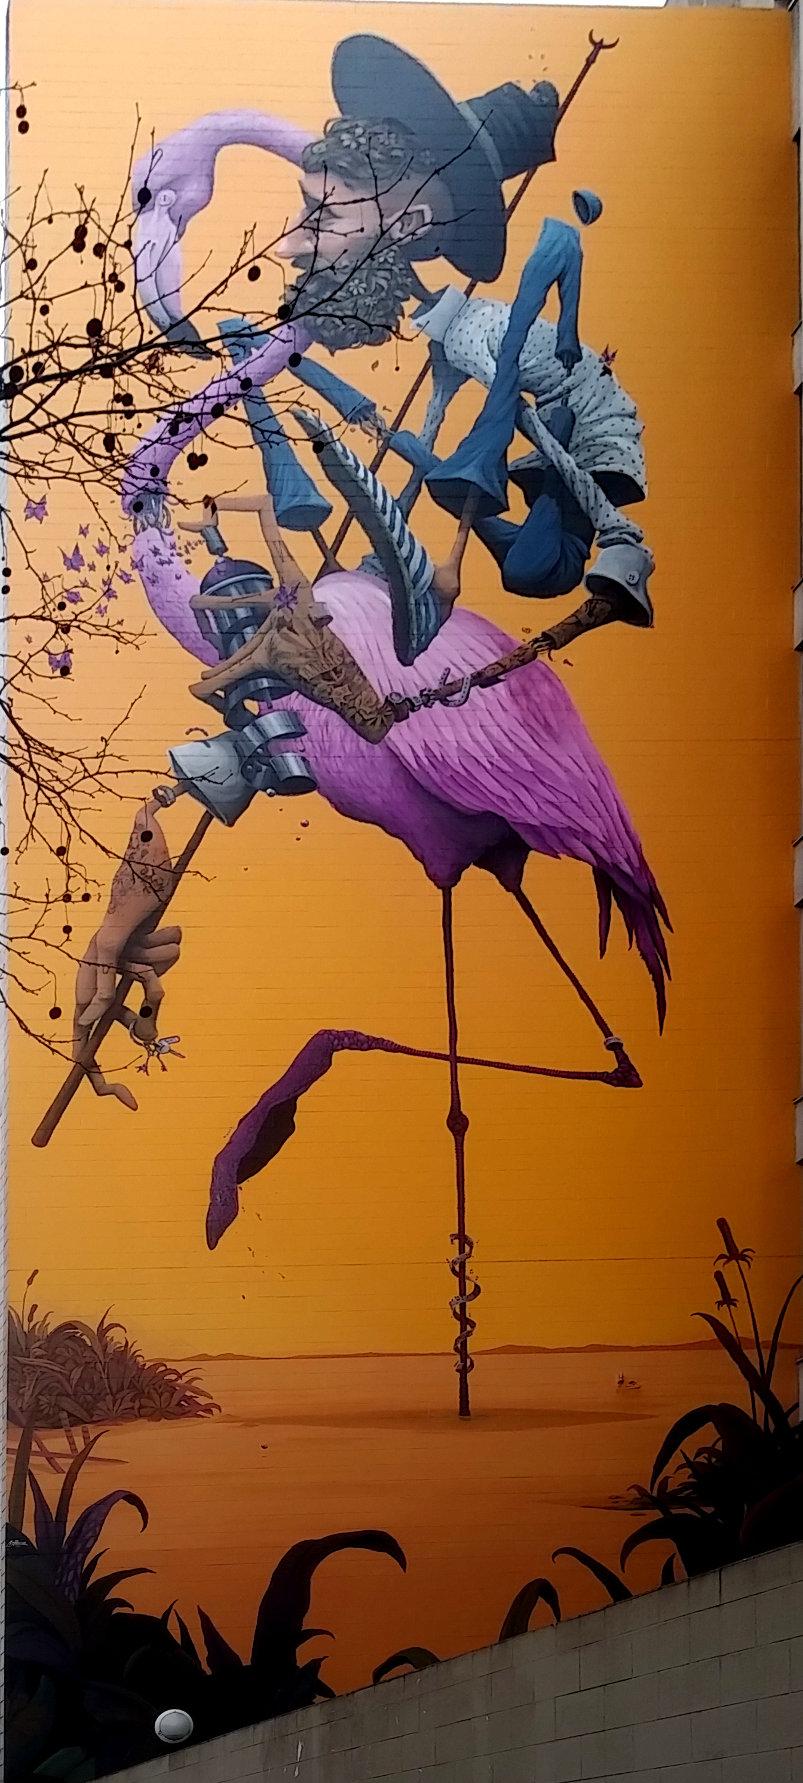 Street Art, 131 boulevard Vincent Auriol, 13th Arrondissement, Paris, France